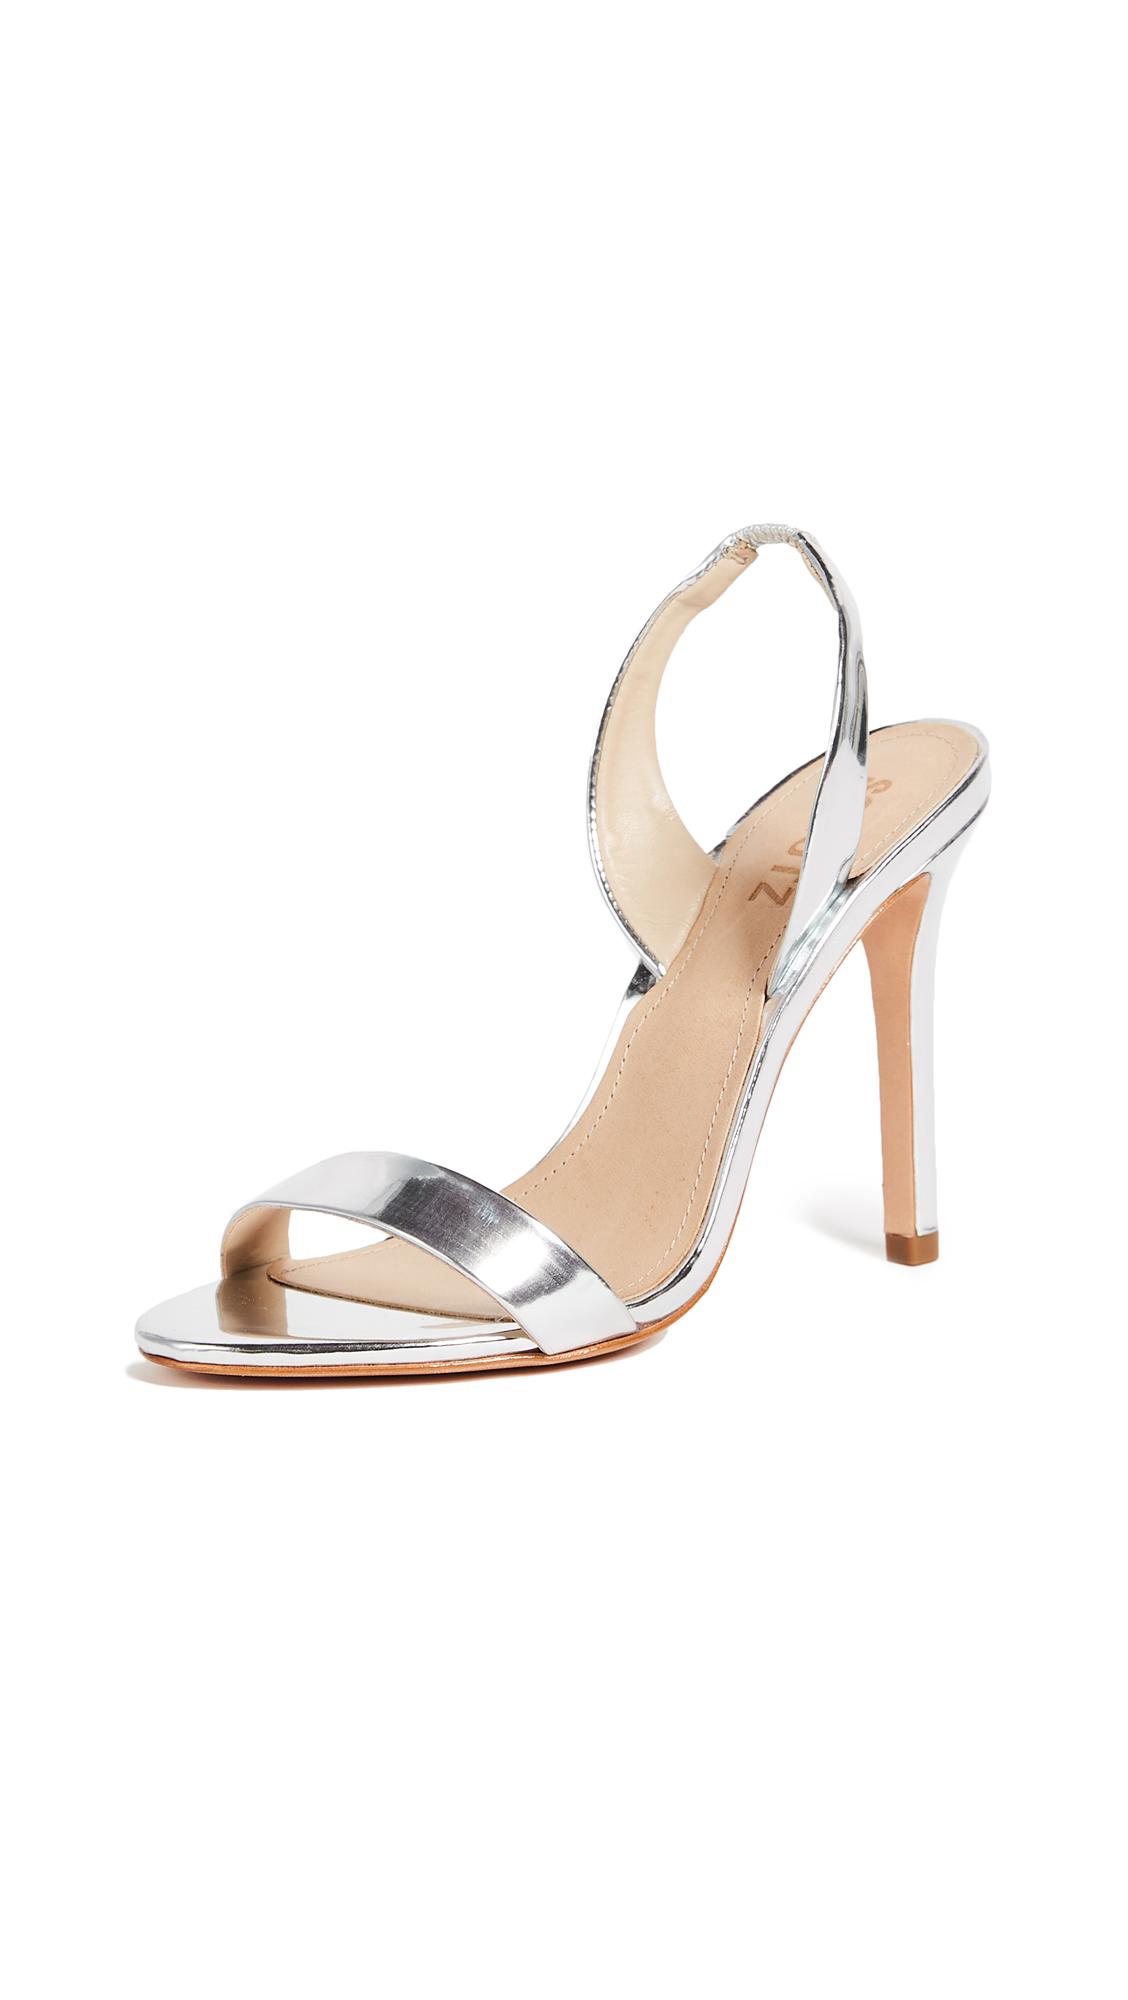 Schutz Luriane Sandals - Prata